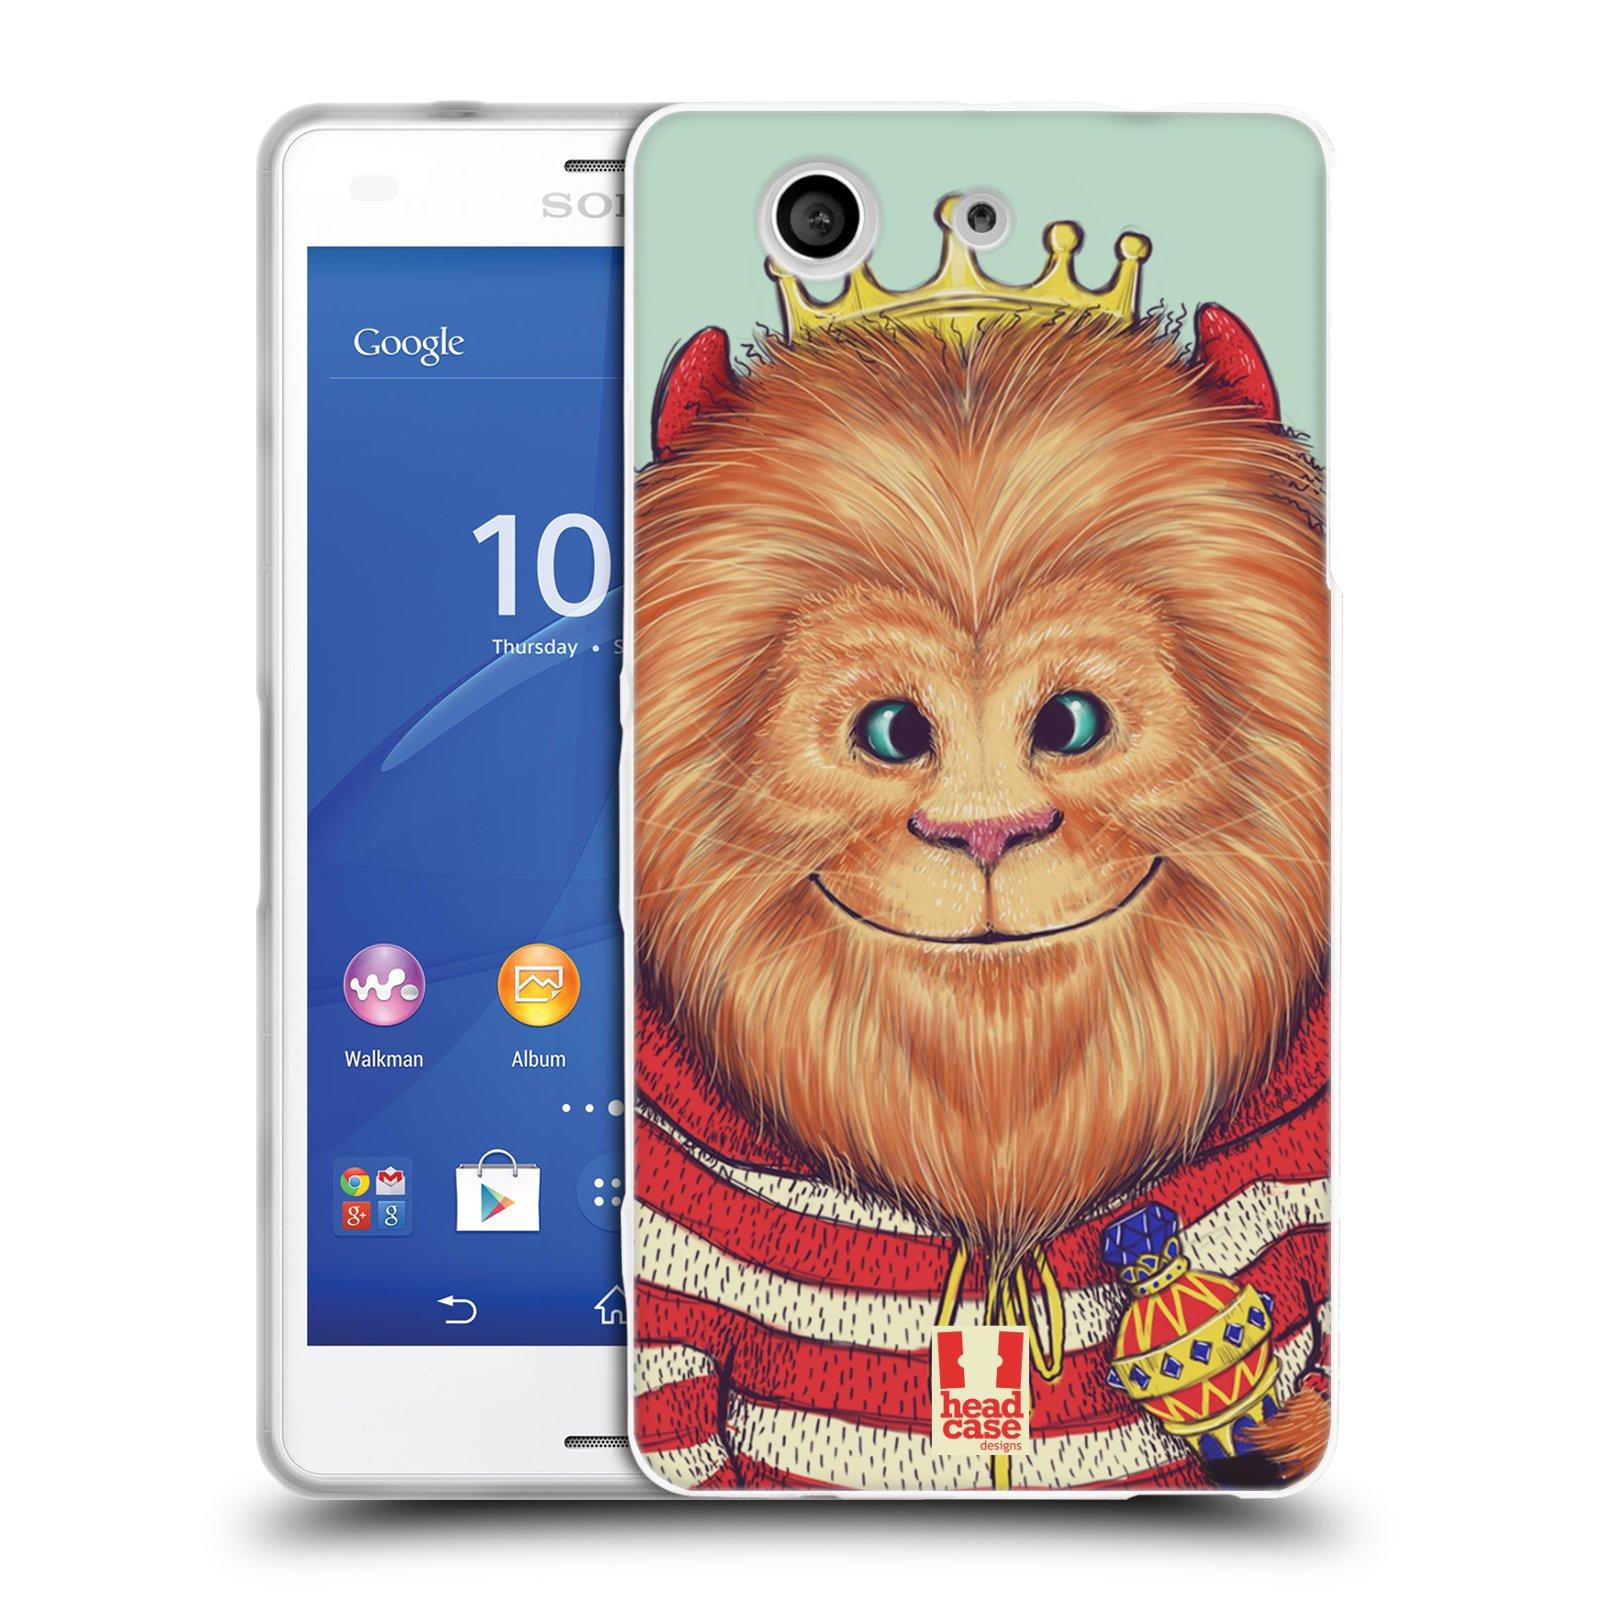 HEAD CASE silikonový obal na mobil Sony Xperia Z3 COMPACT (D5803) vzor Kreslená zvířátka lev